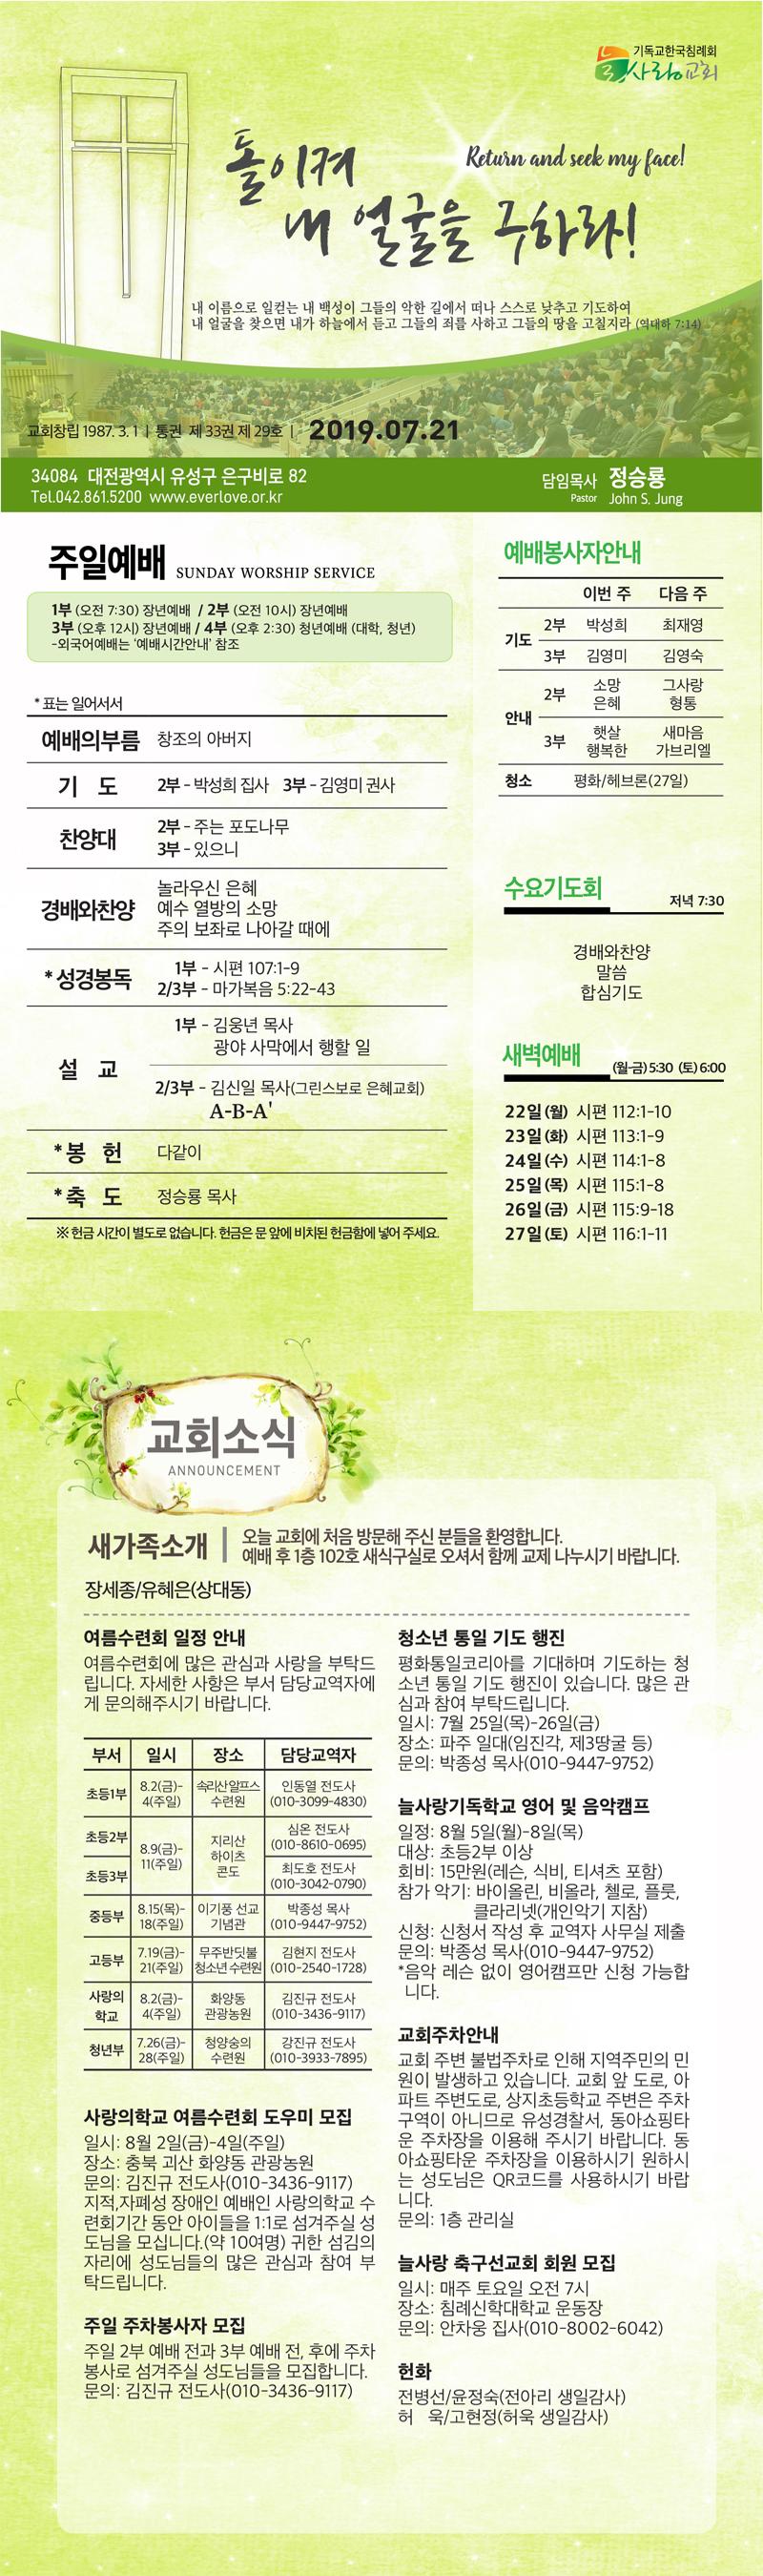 2019-07-21 교회주보.jpg